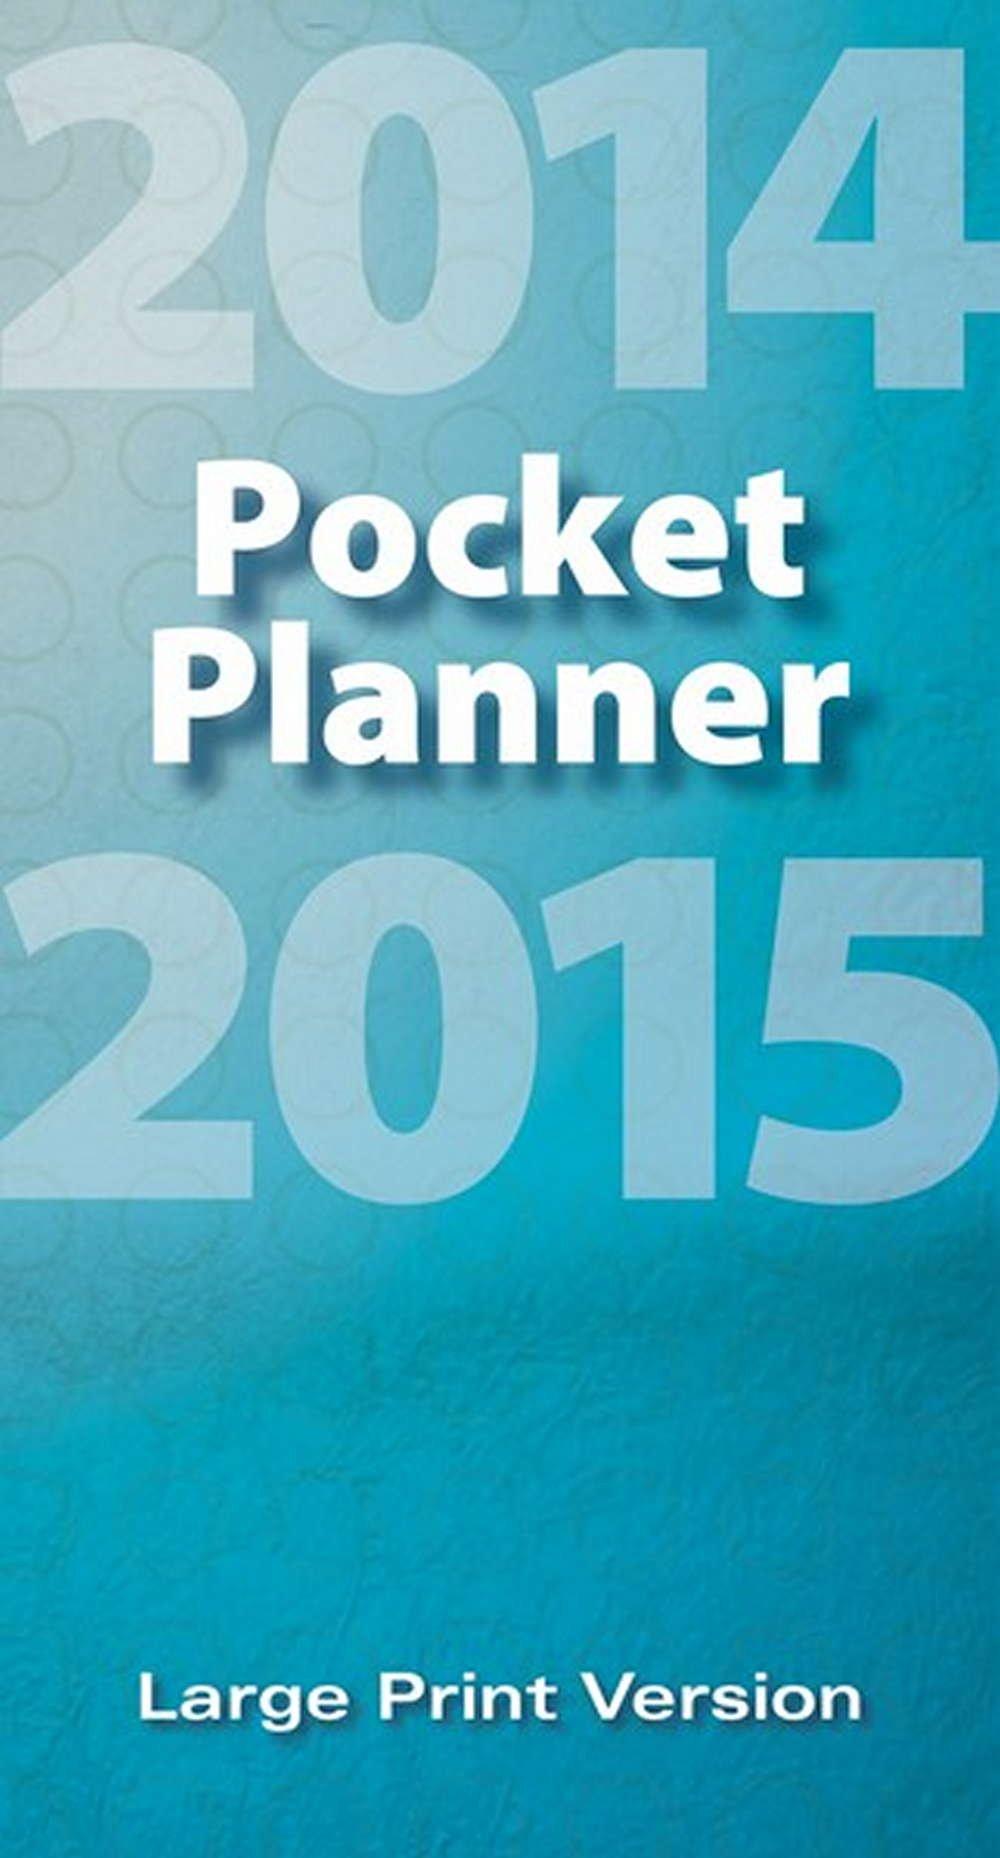 Large Print 2014 Pocket Planner